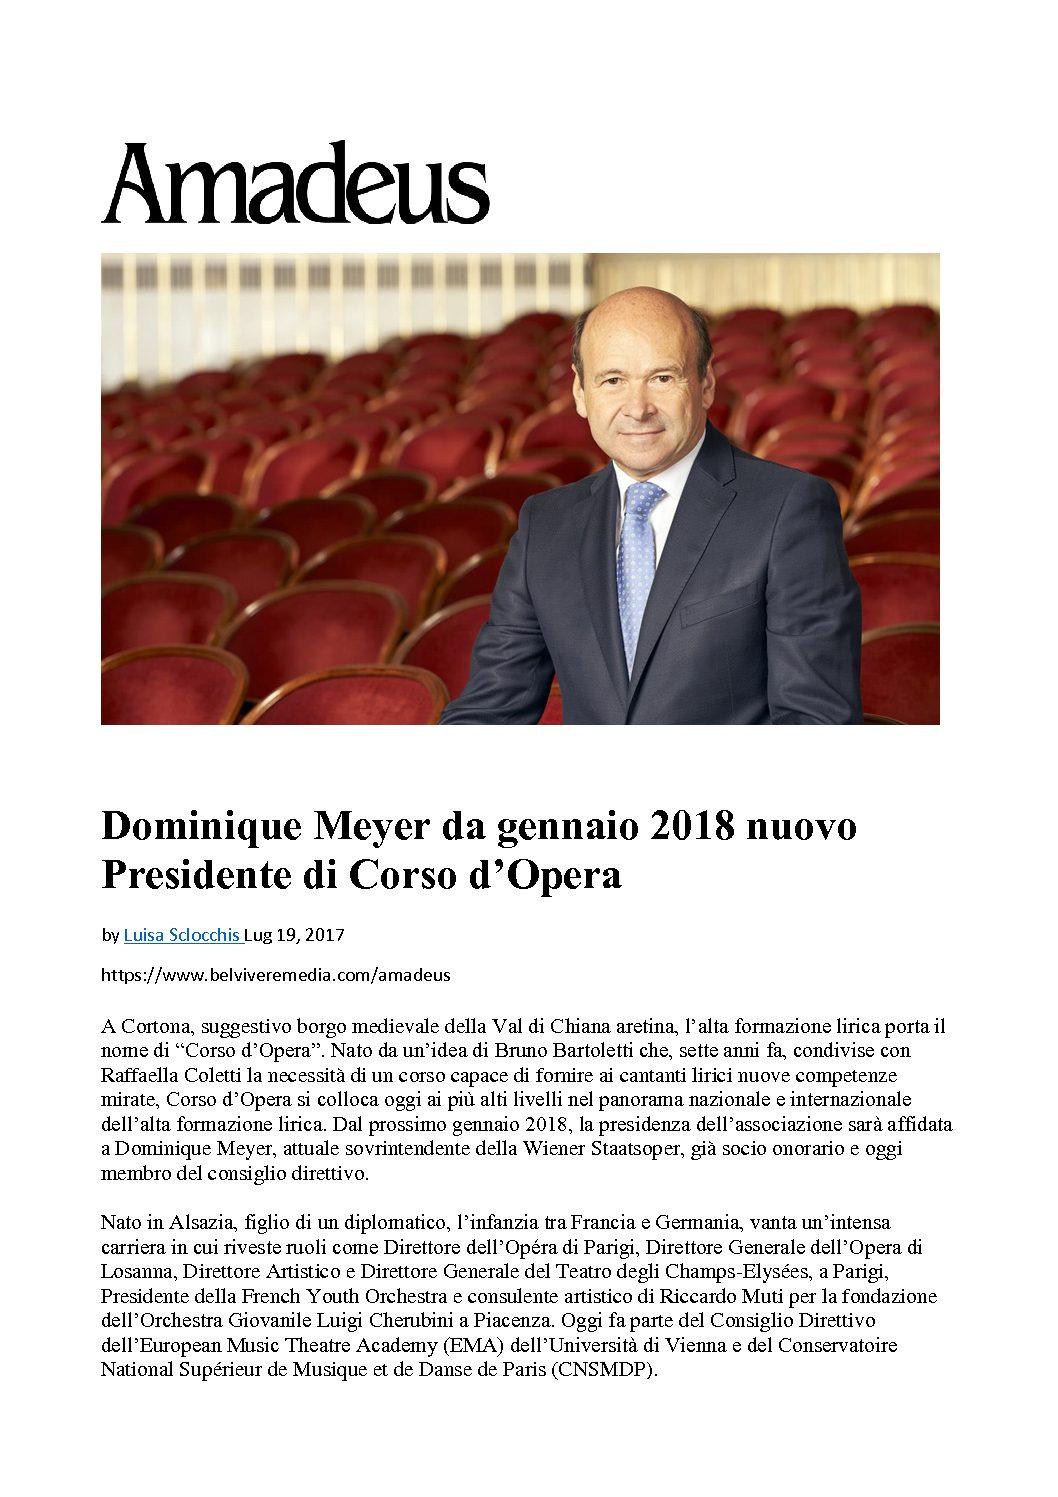 19luglio2017-Amadeus-online-Dominique-Meyer-a-Cortona-per-Corso-dOpera-pdf